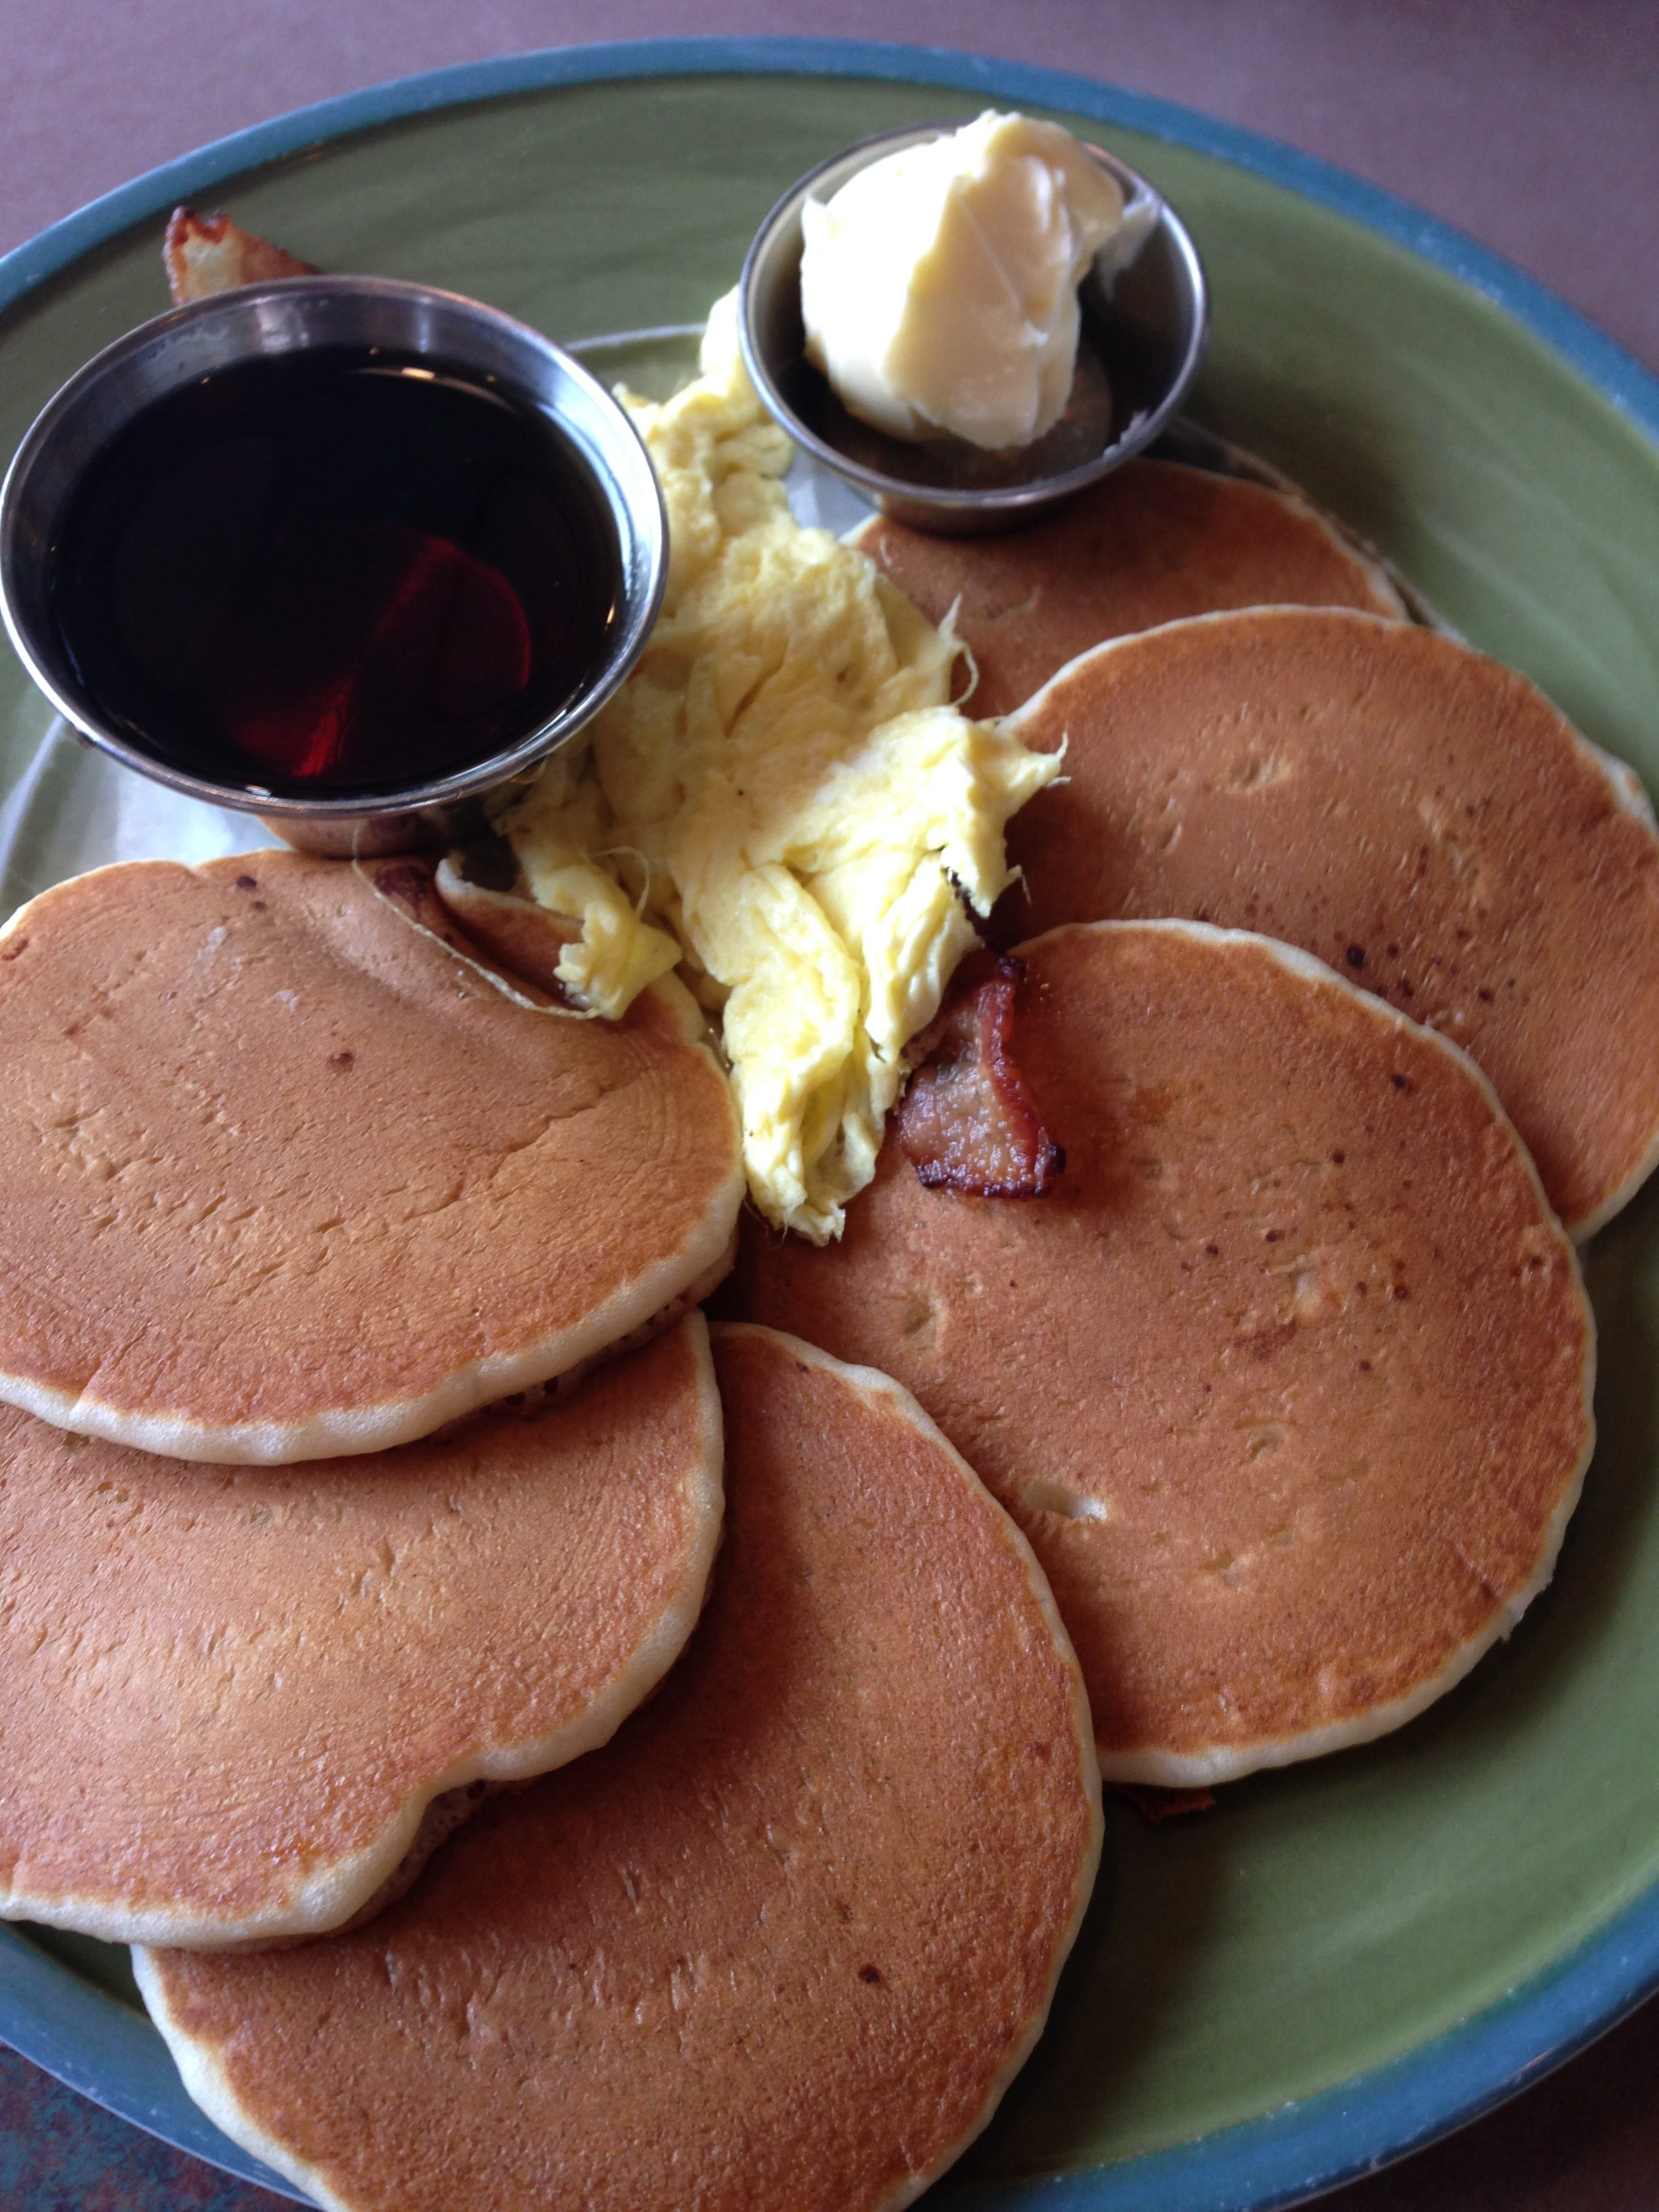 パンケーキと卵料理、ベーコンなどを合わせたメニューは朝食の定番。